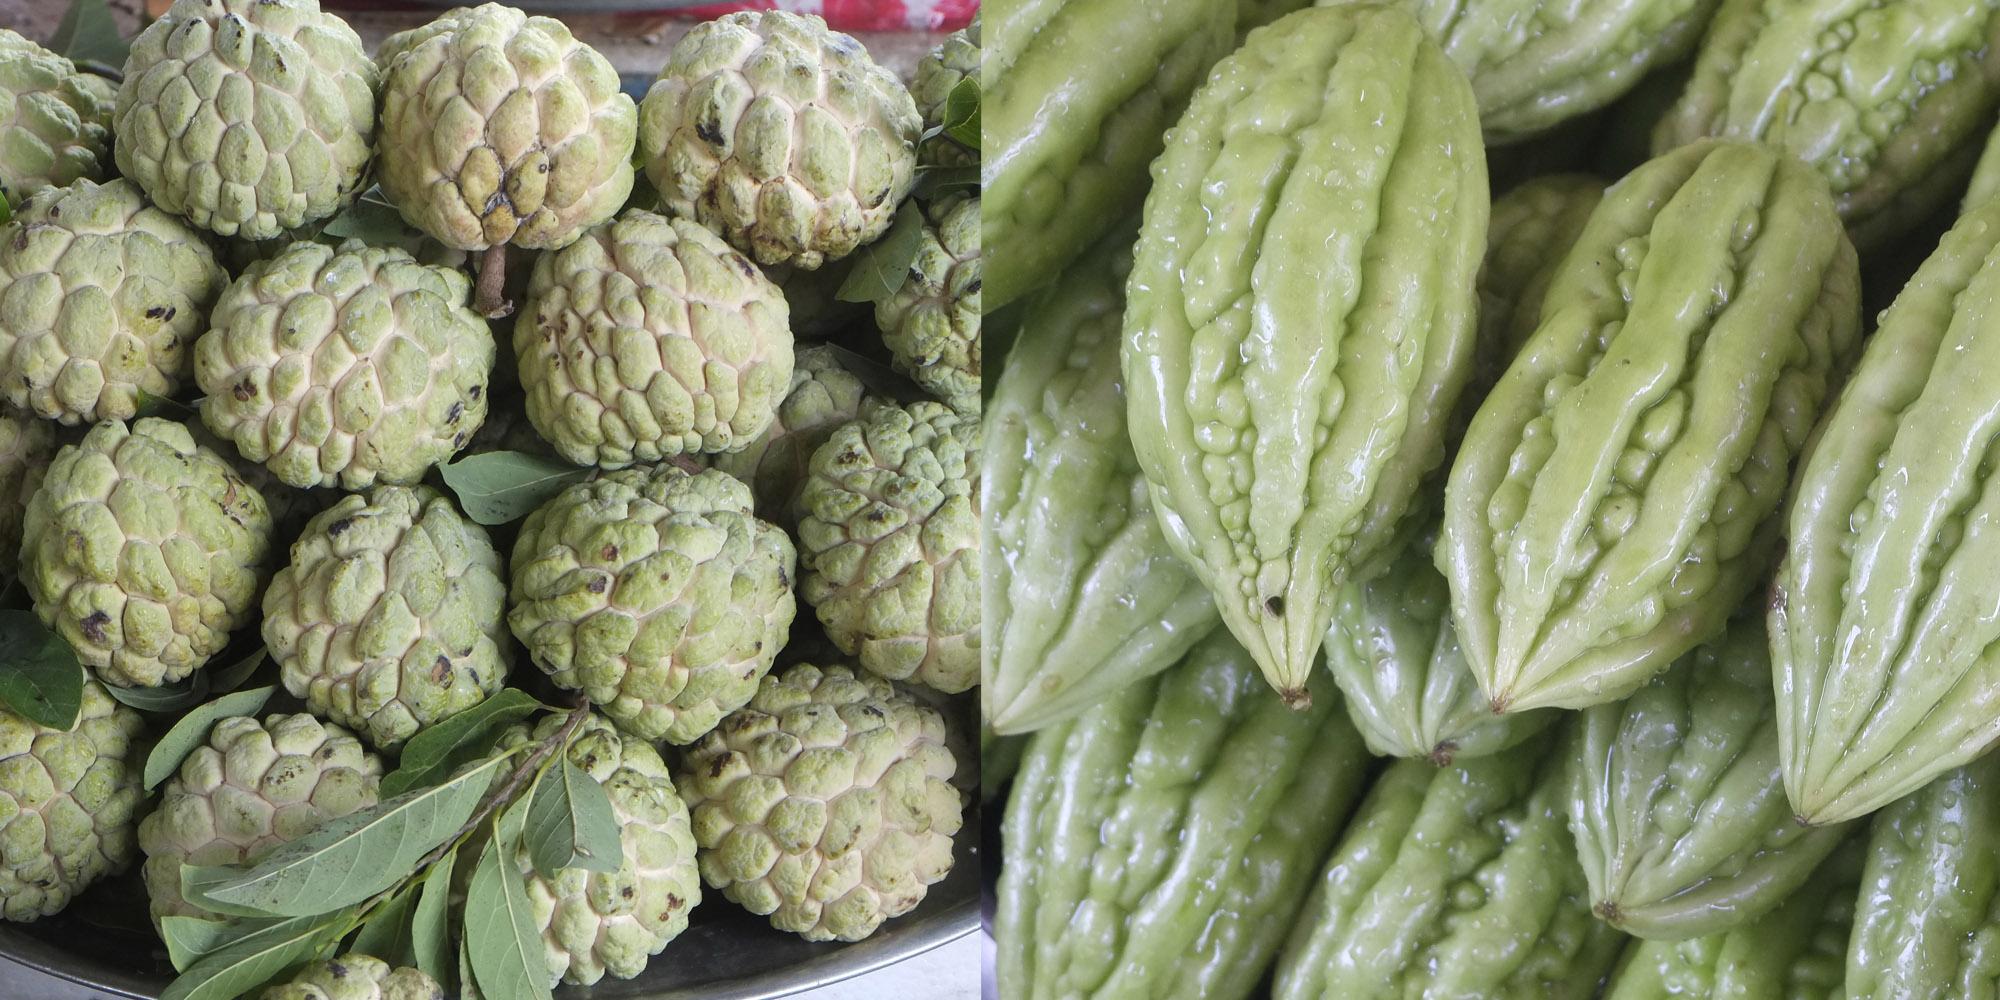 lk: custard apple, weißes Fruchtfleisch kann roh gegessen werden re: kein Name, kann roh als Salat gegessen werden